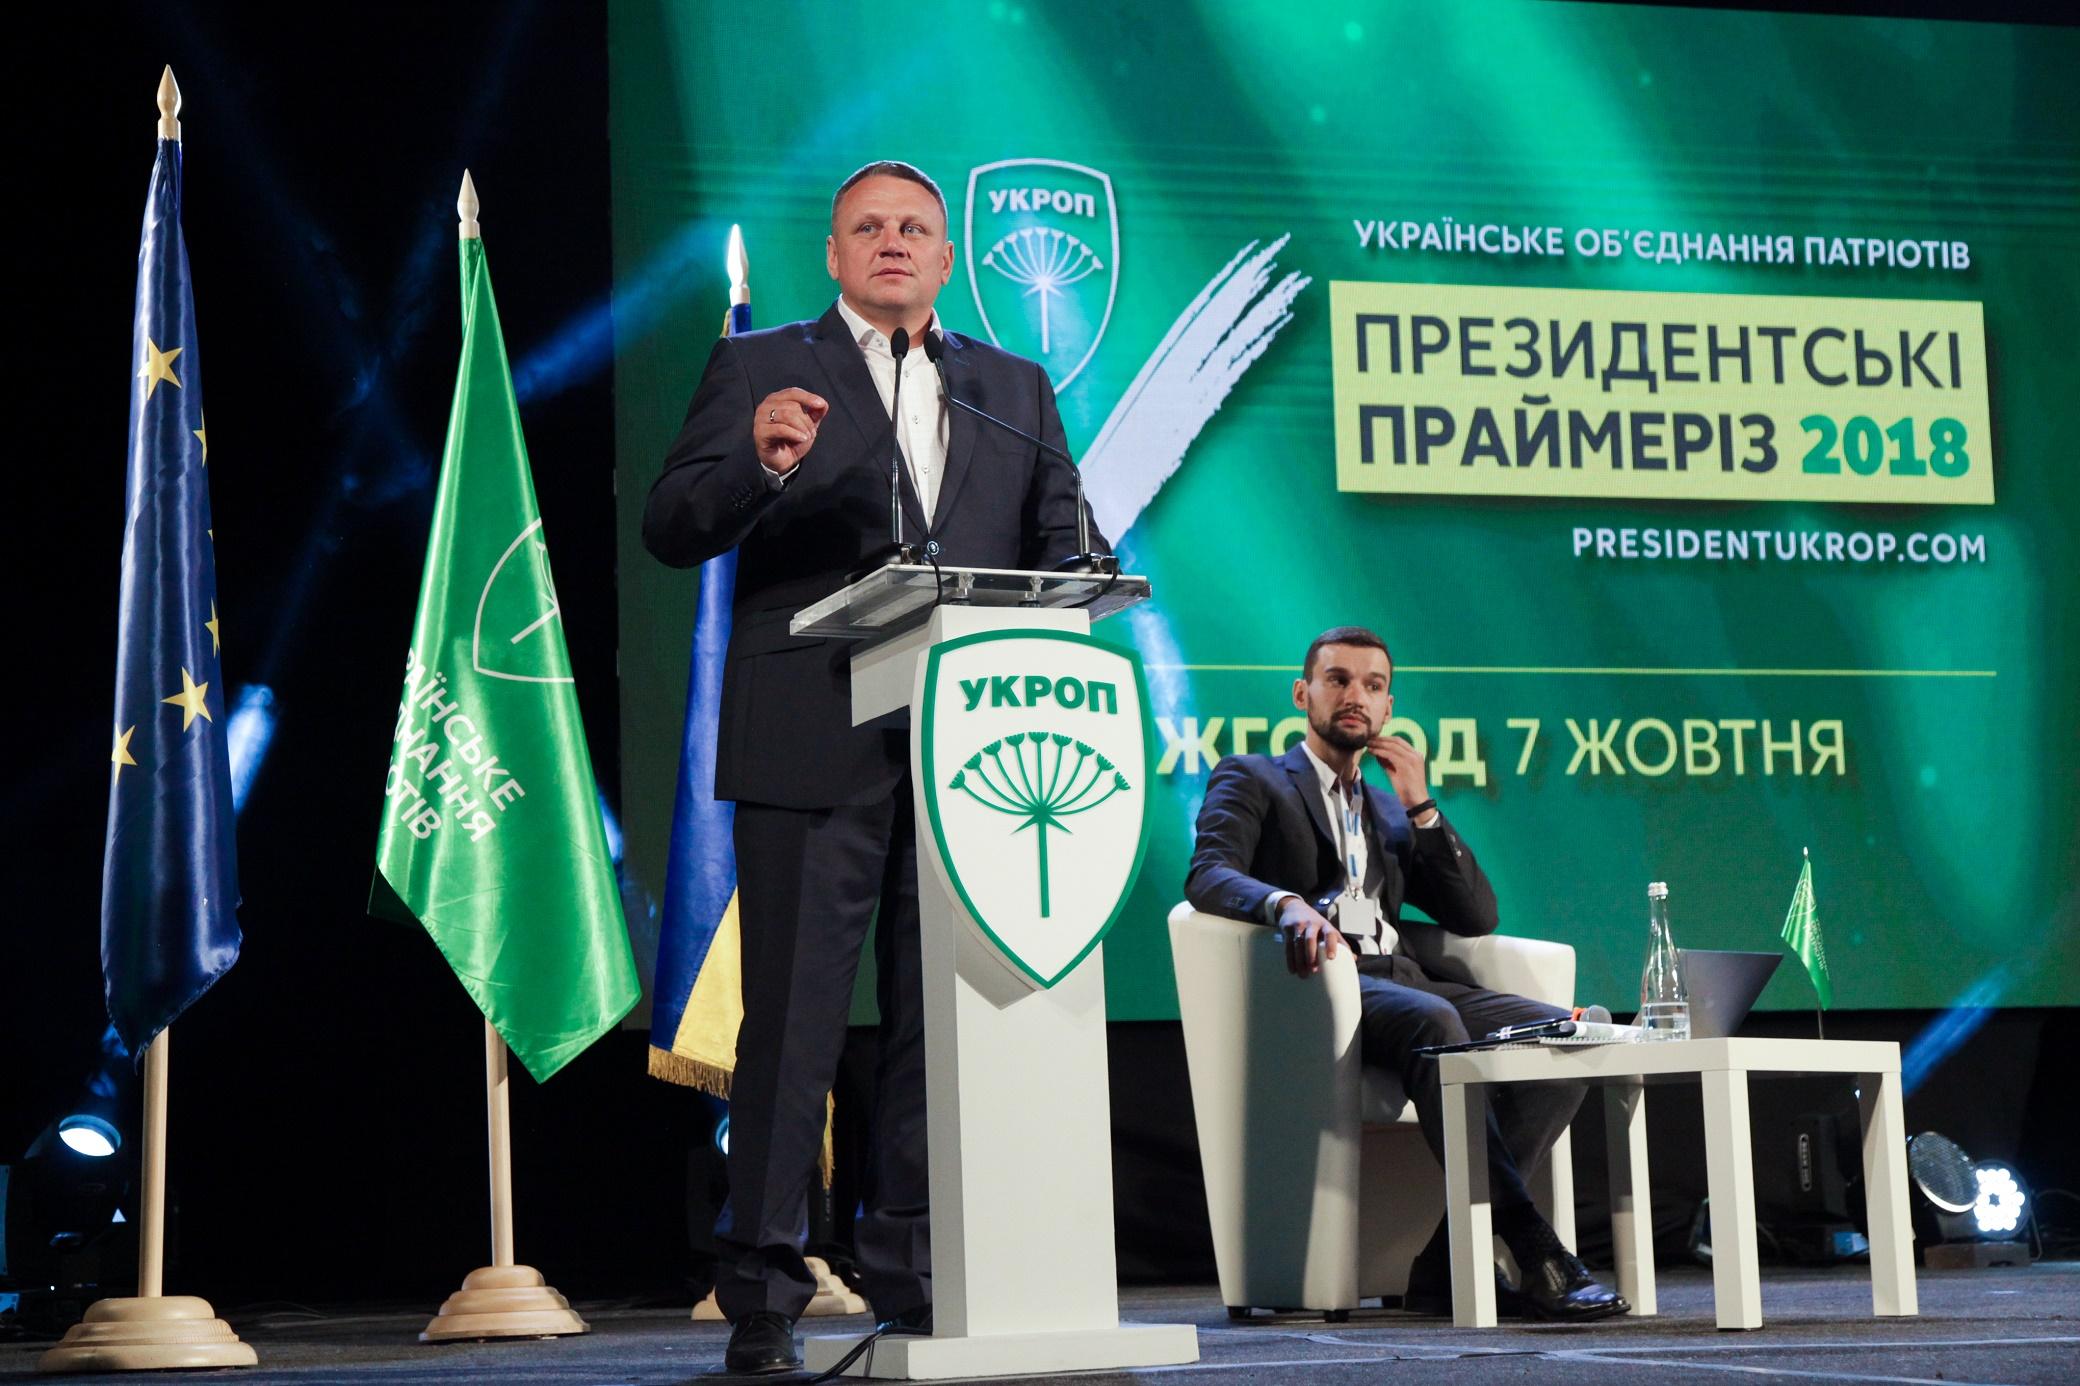 Франківський нардеп Шевченко знову влаштував вже традиційний підкуп своїх потенційних виборців